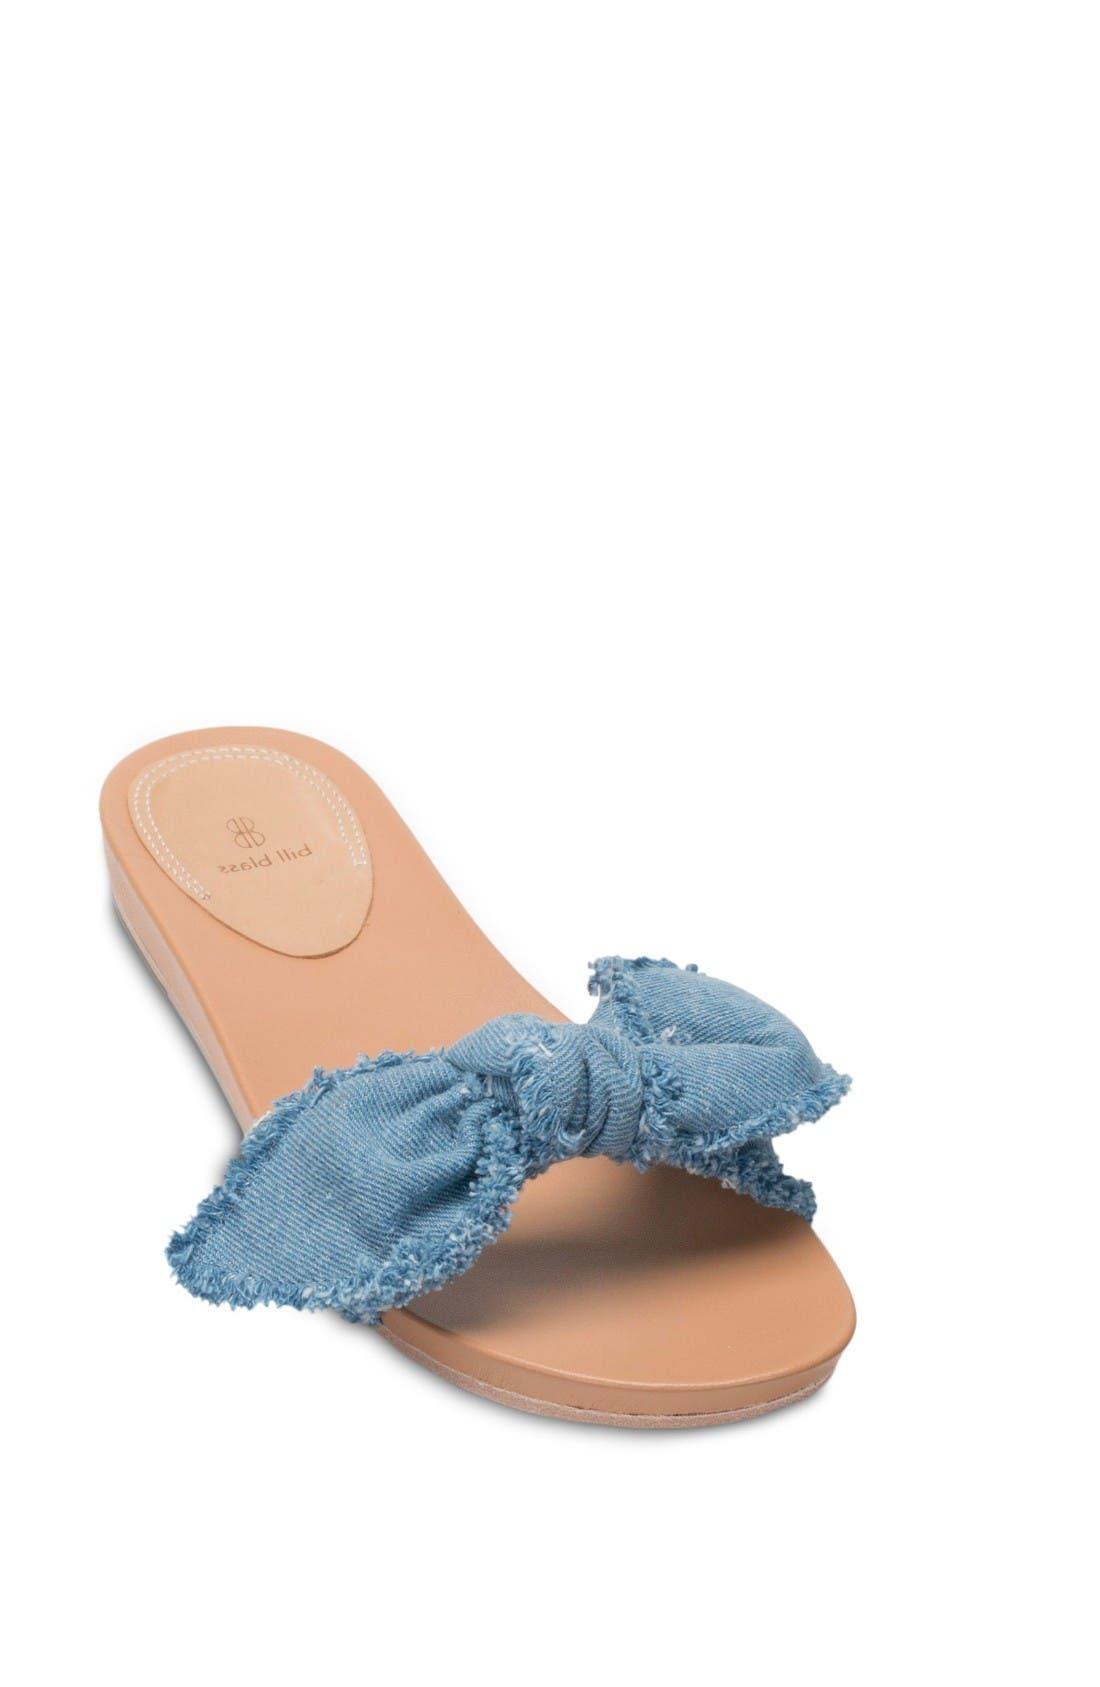 Alternate Image 1 Selected - Bill Blass Carmen Slide Sandal (Women)